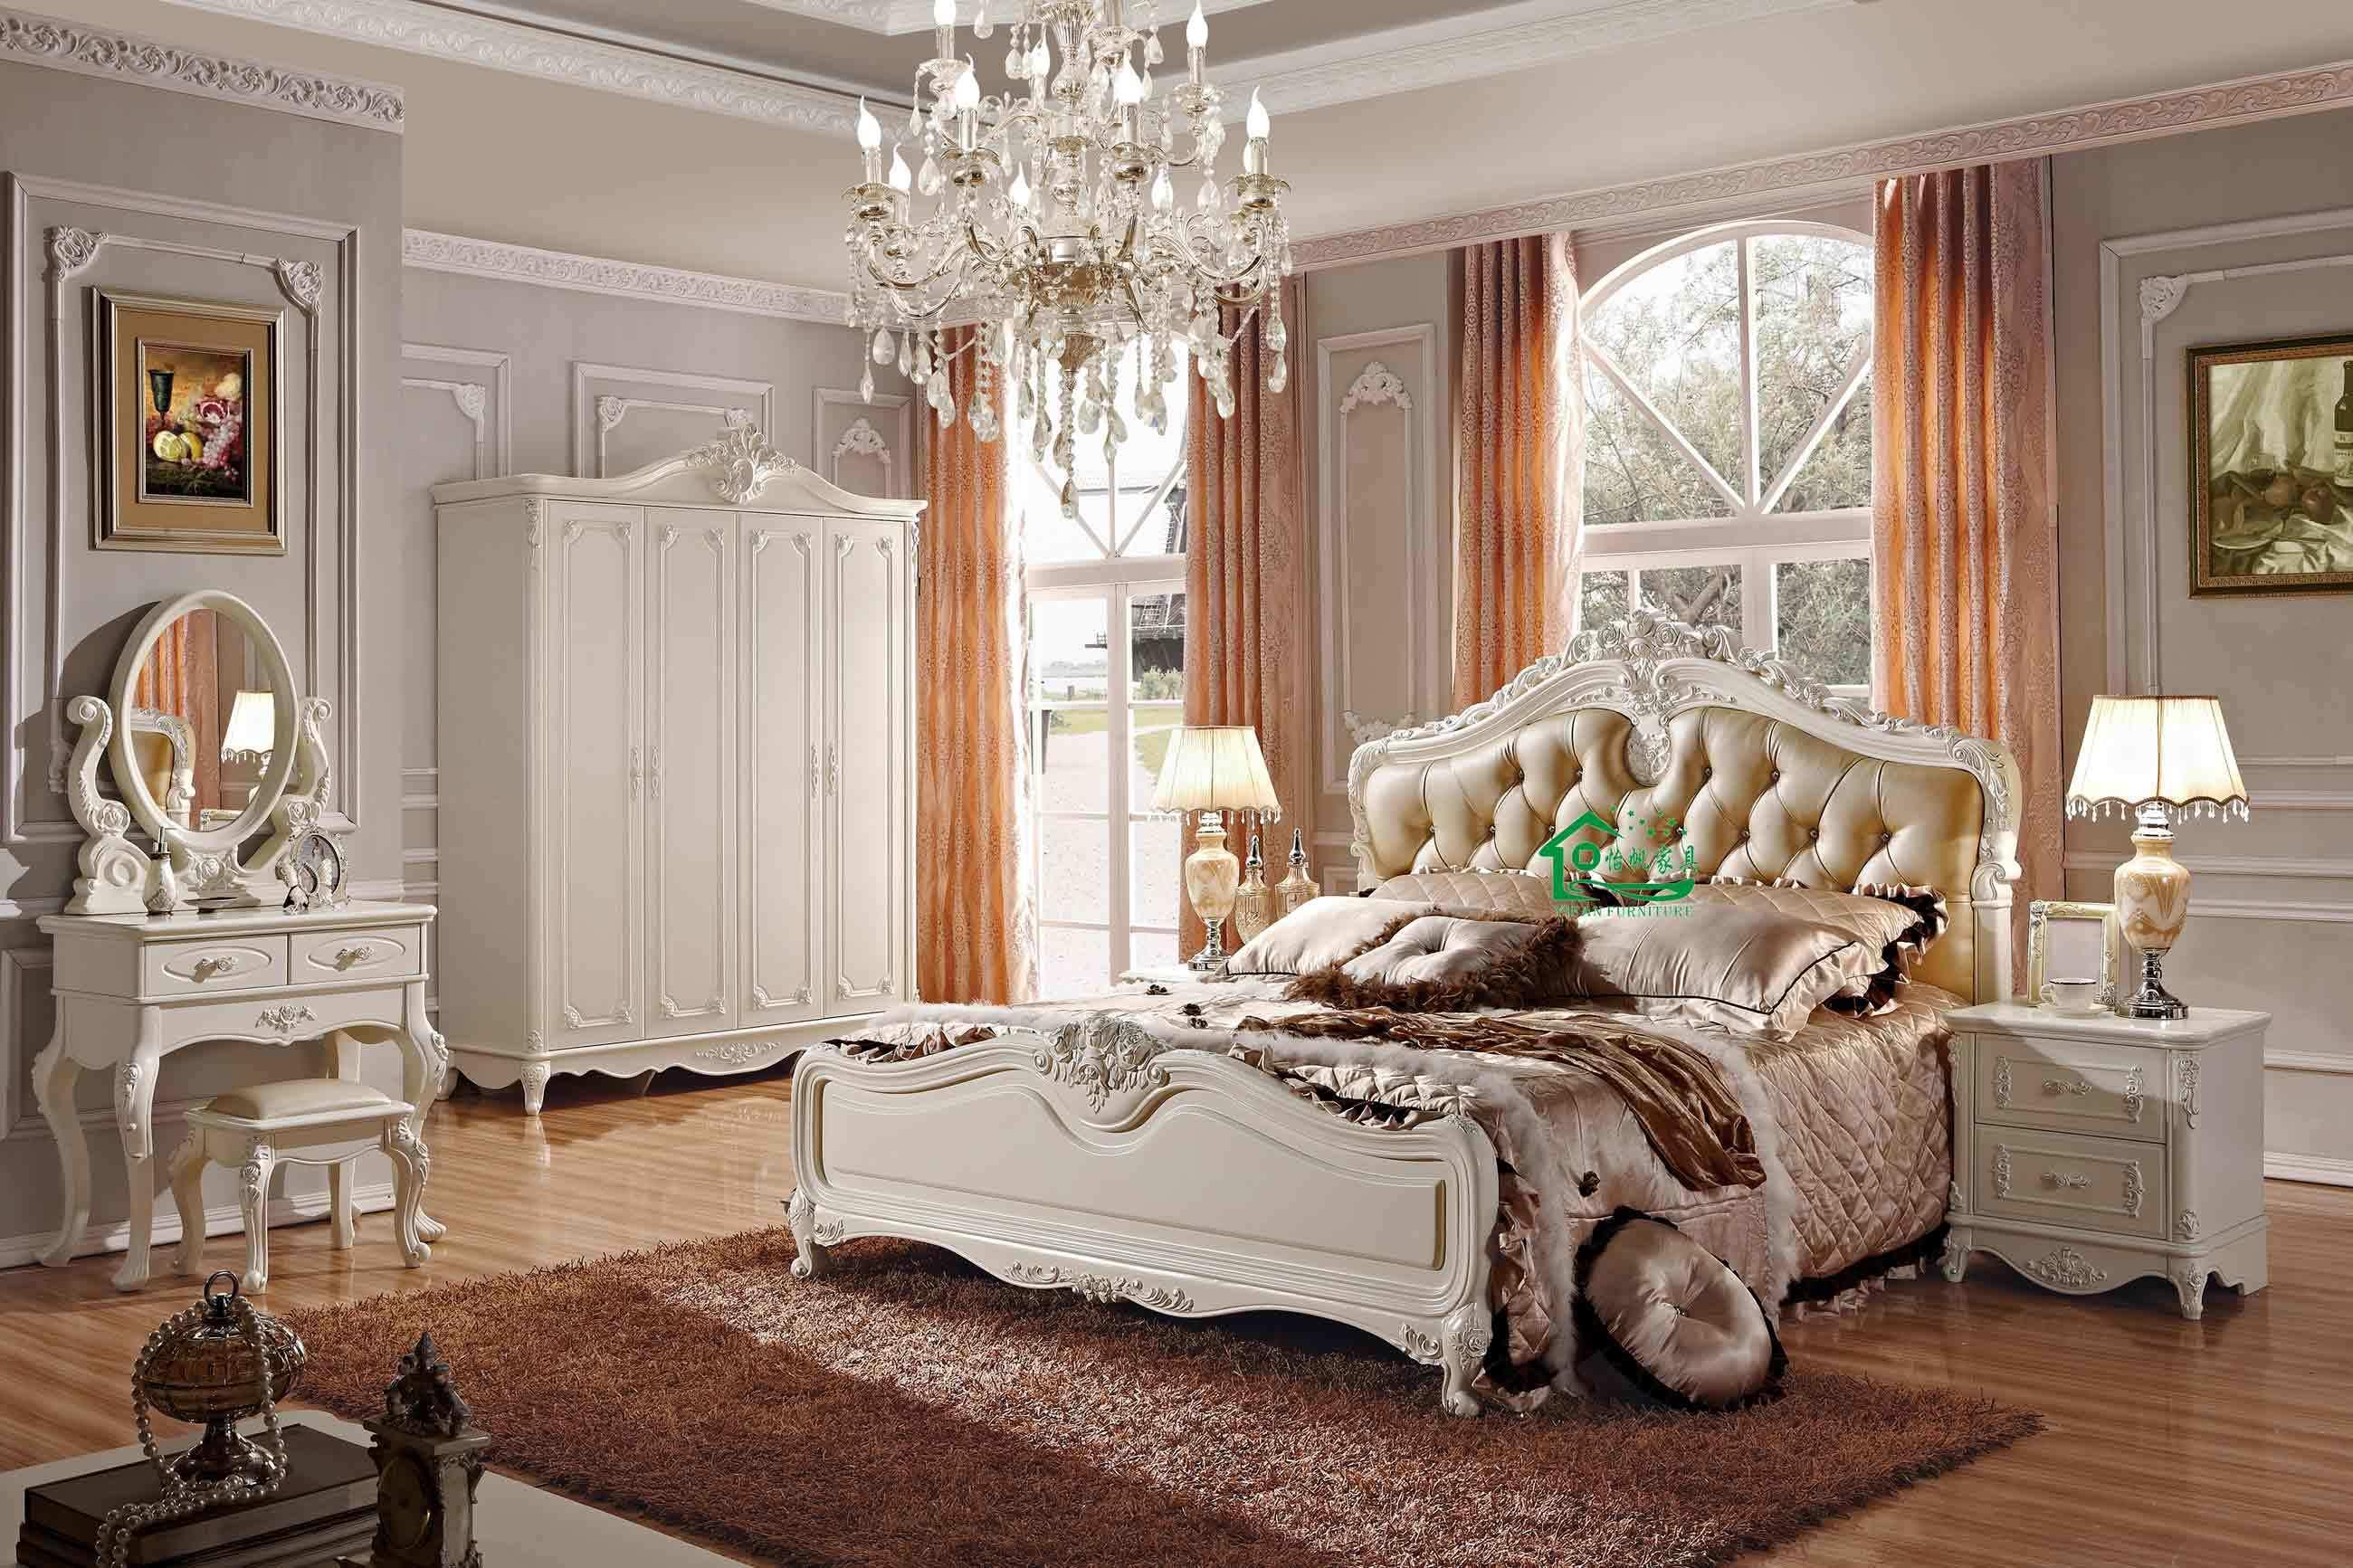 Meubles en bois de chambre coucher yf 9805 meubles en for Commande chambre a coucher